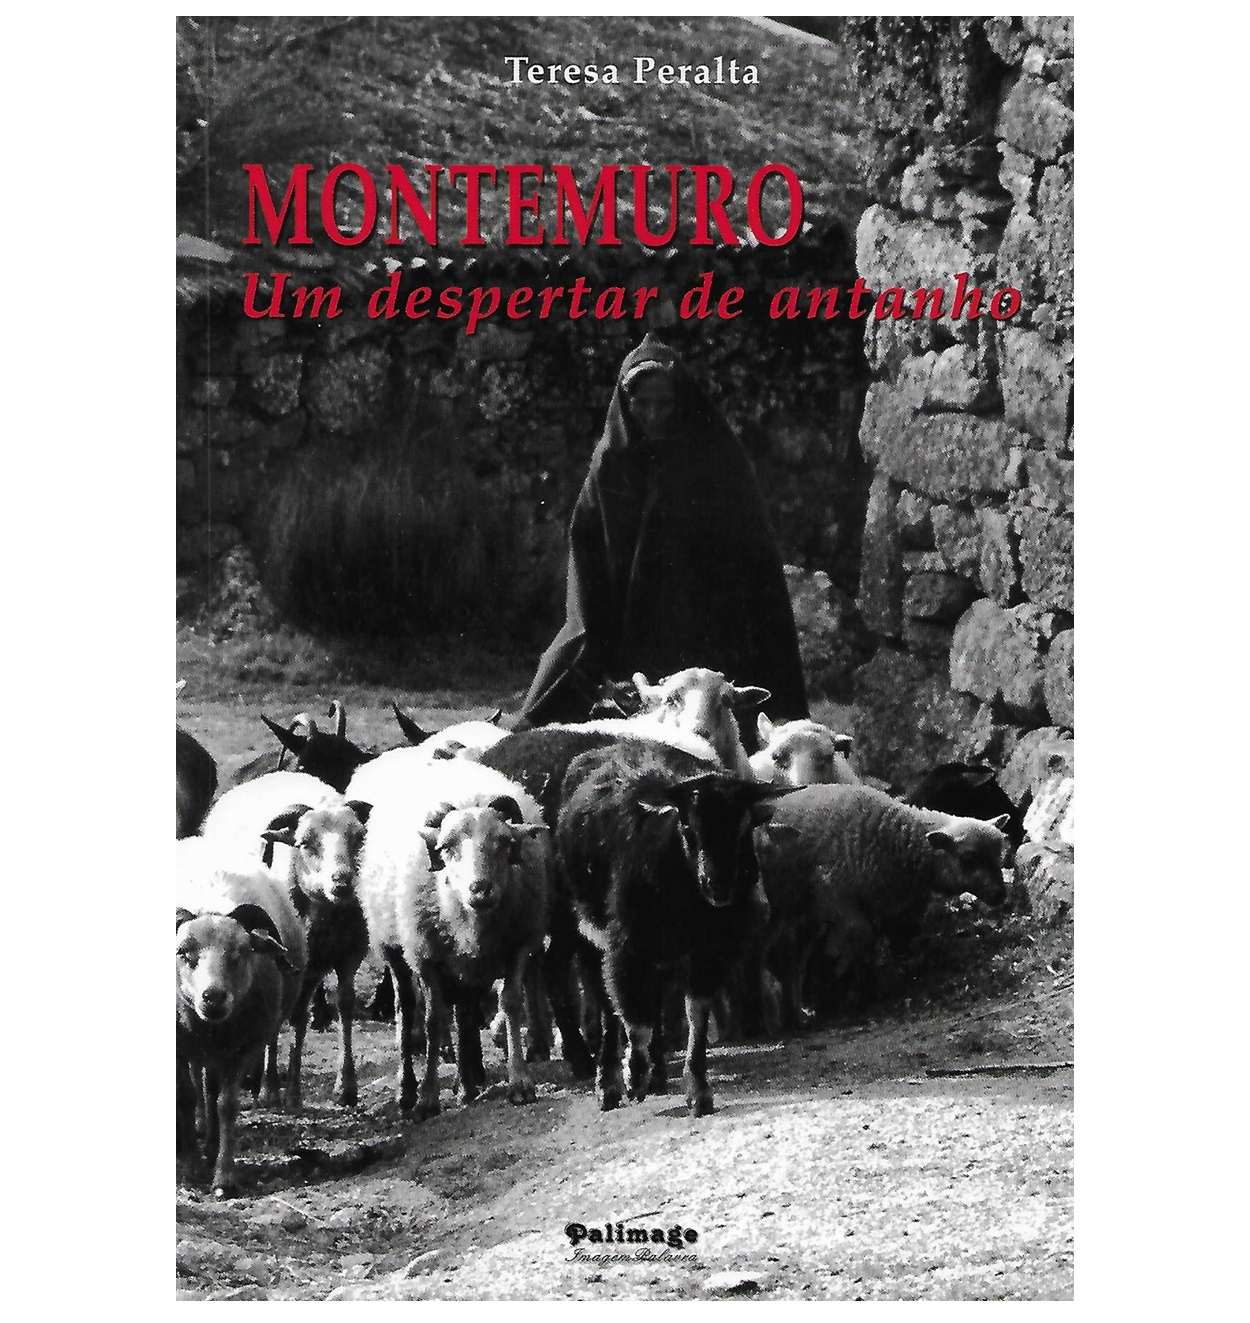 MONTEMURO: UM DESPERTAR DE ANTANHO